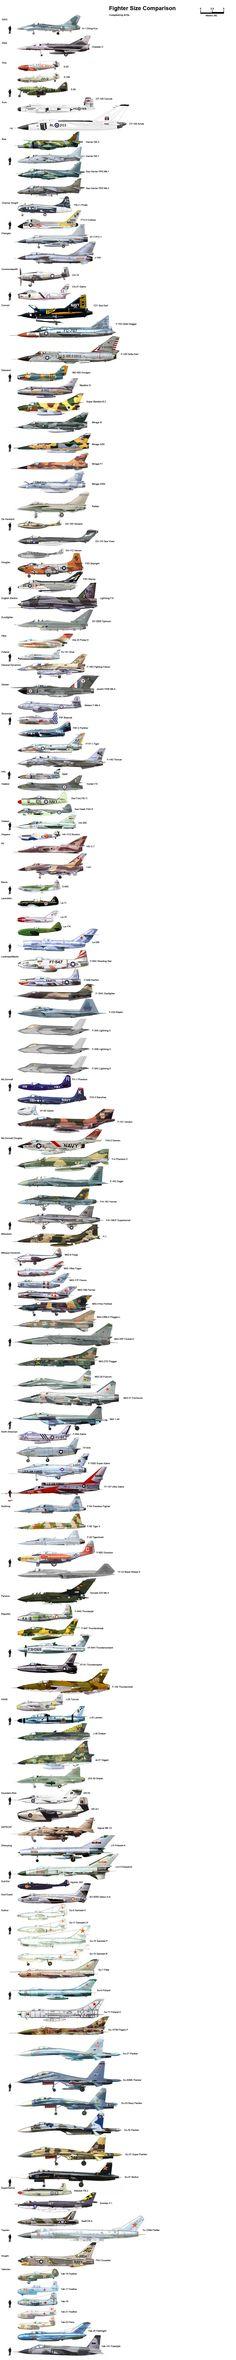 comparatif-taille-avion - La boite verte